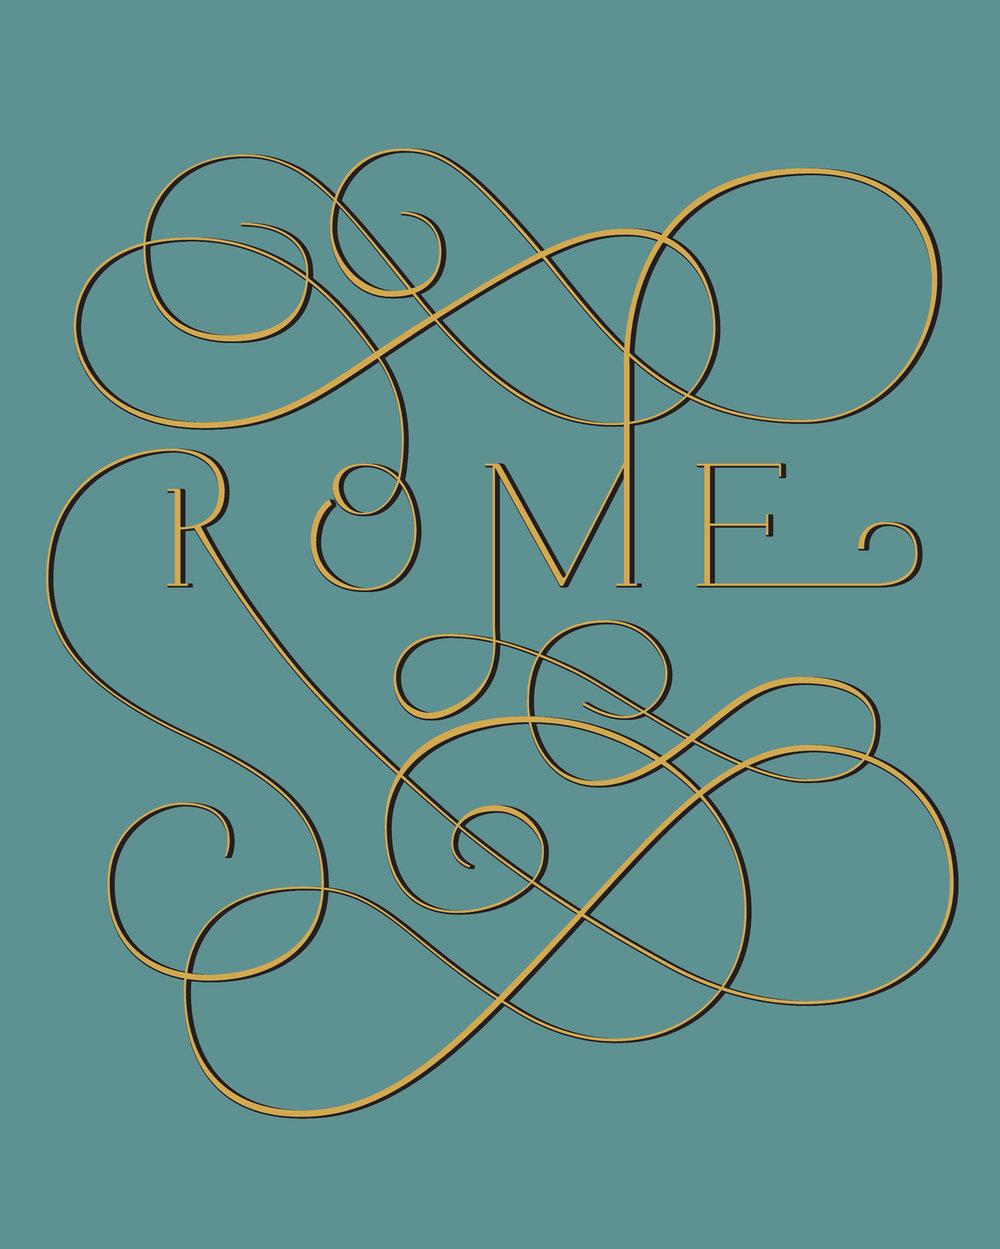 Rometype-04-web.jpg